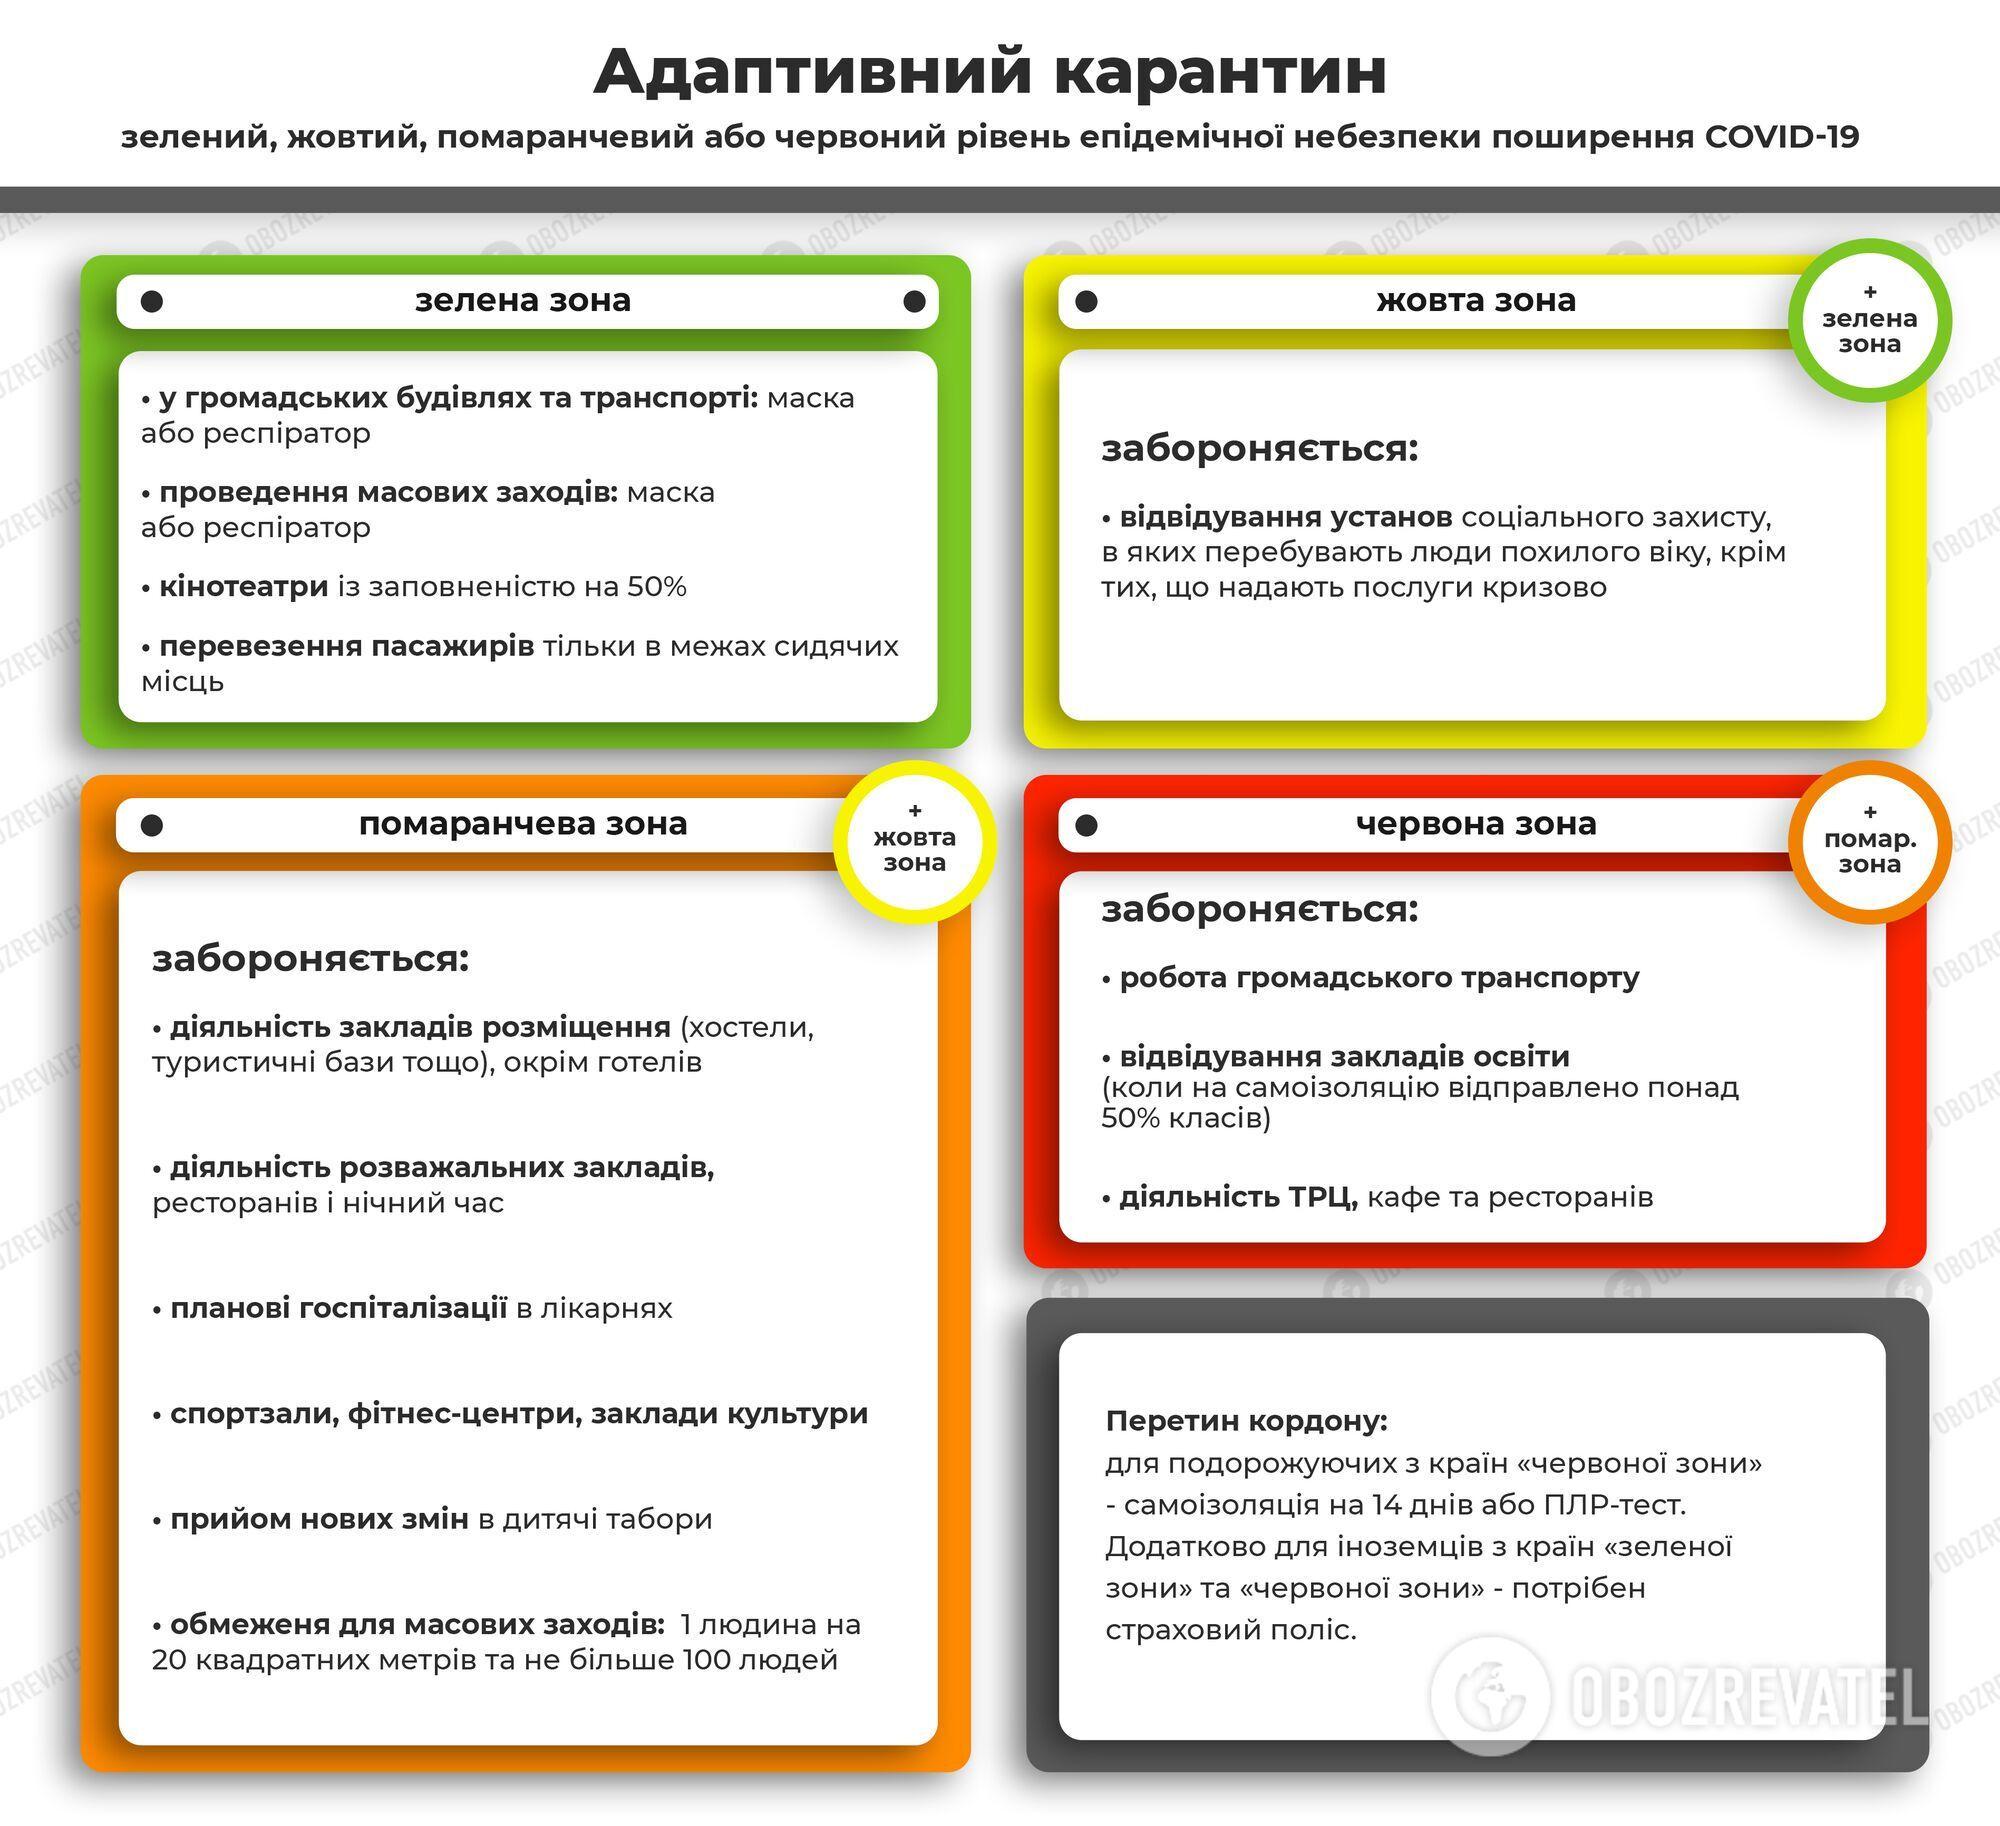 Зони карантину в Україні.